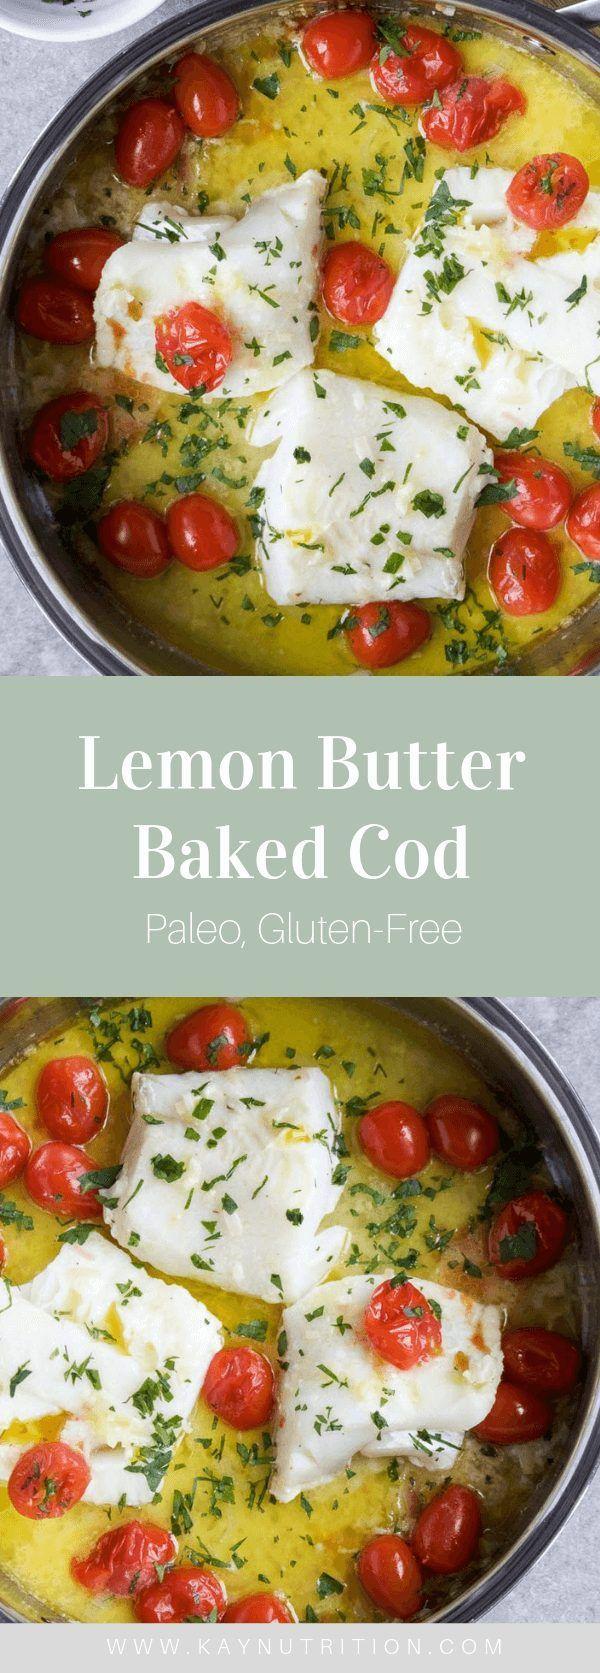 Photo of #Baked #Butter #Cod #Healthy Recipes Snacks Baking #Lemon Lemon Butter Baked Cod…